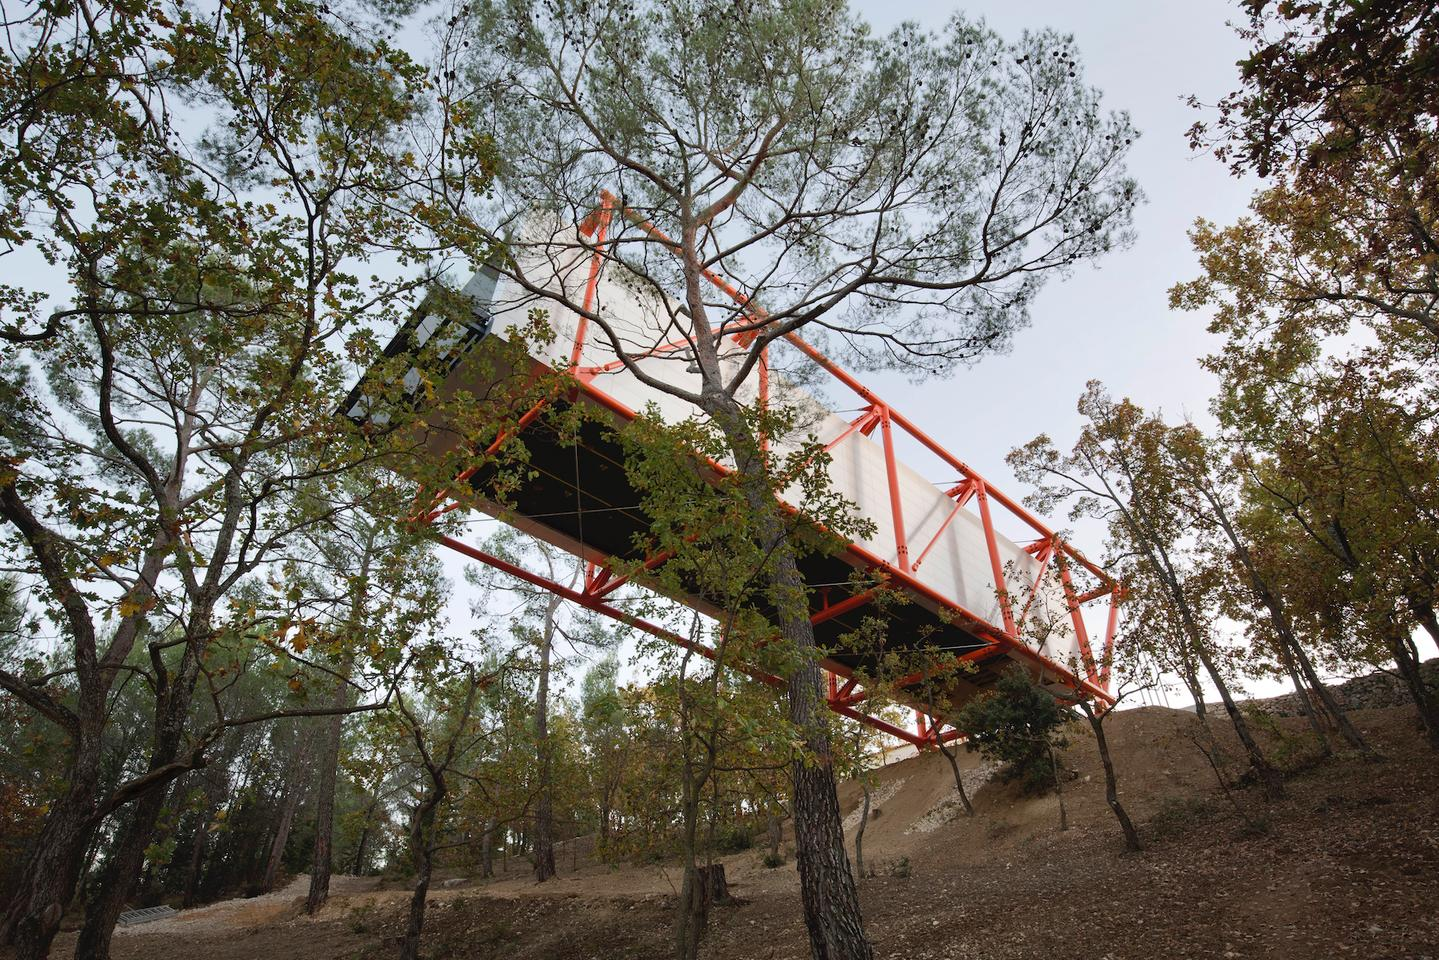 Richard Rogers의 드로잉 갤러리는 언덕에서 27m (88 피트) 돌출되어 있습니다.